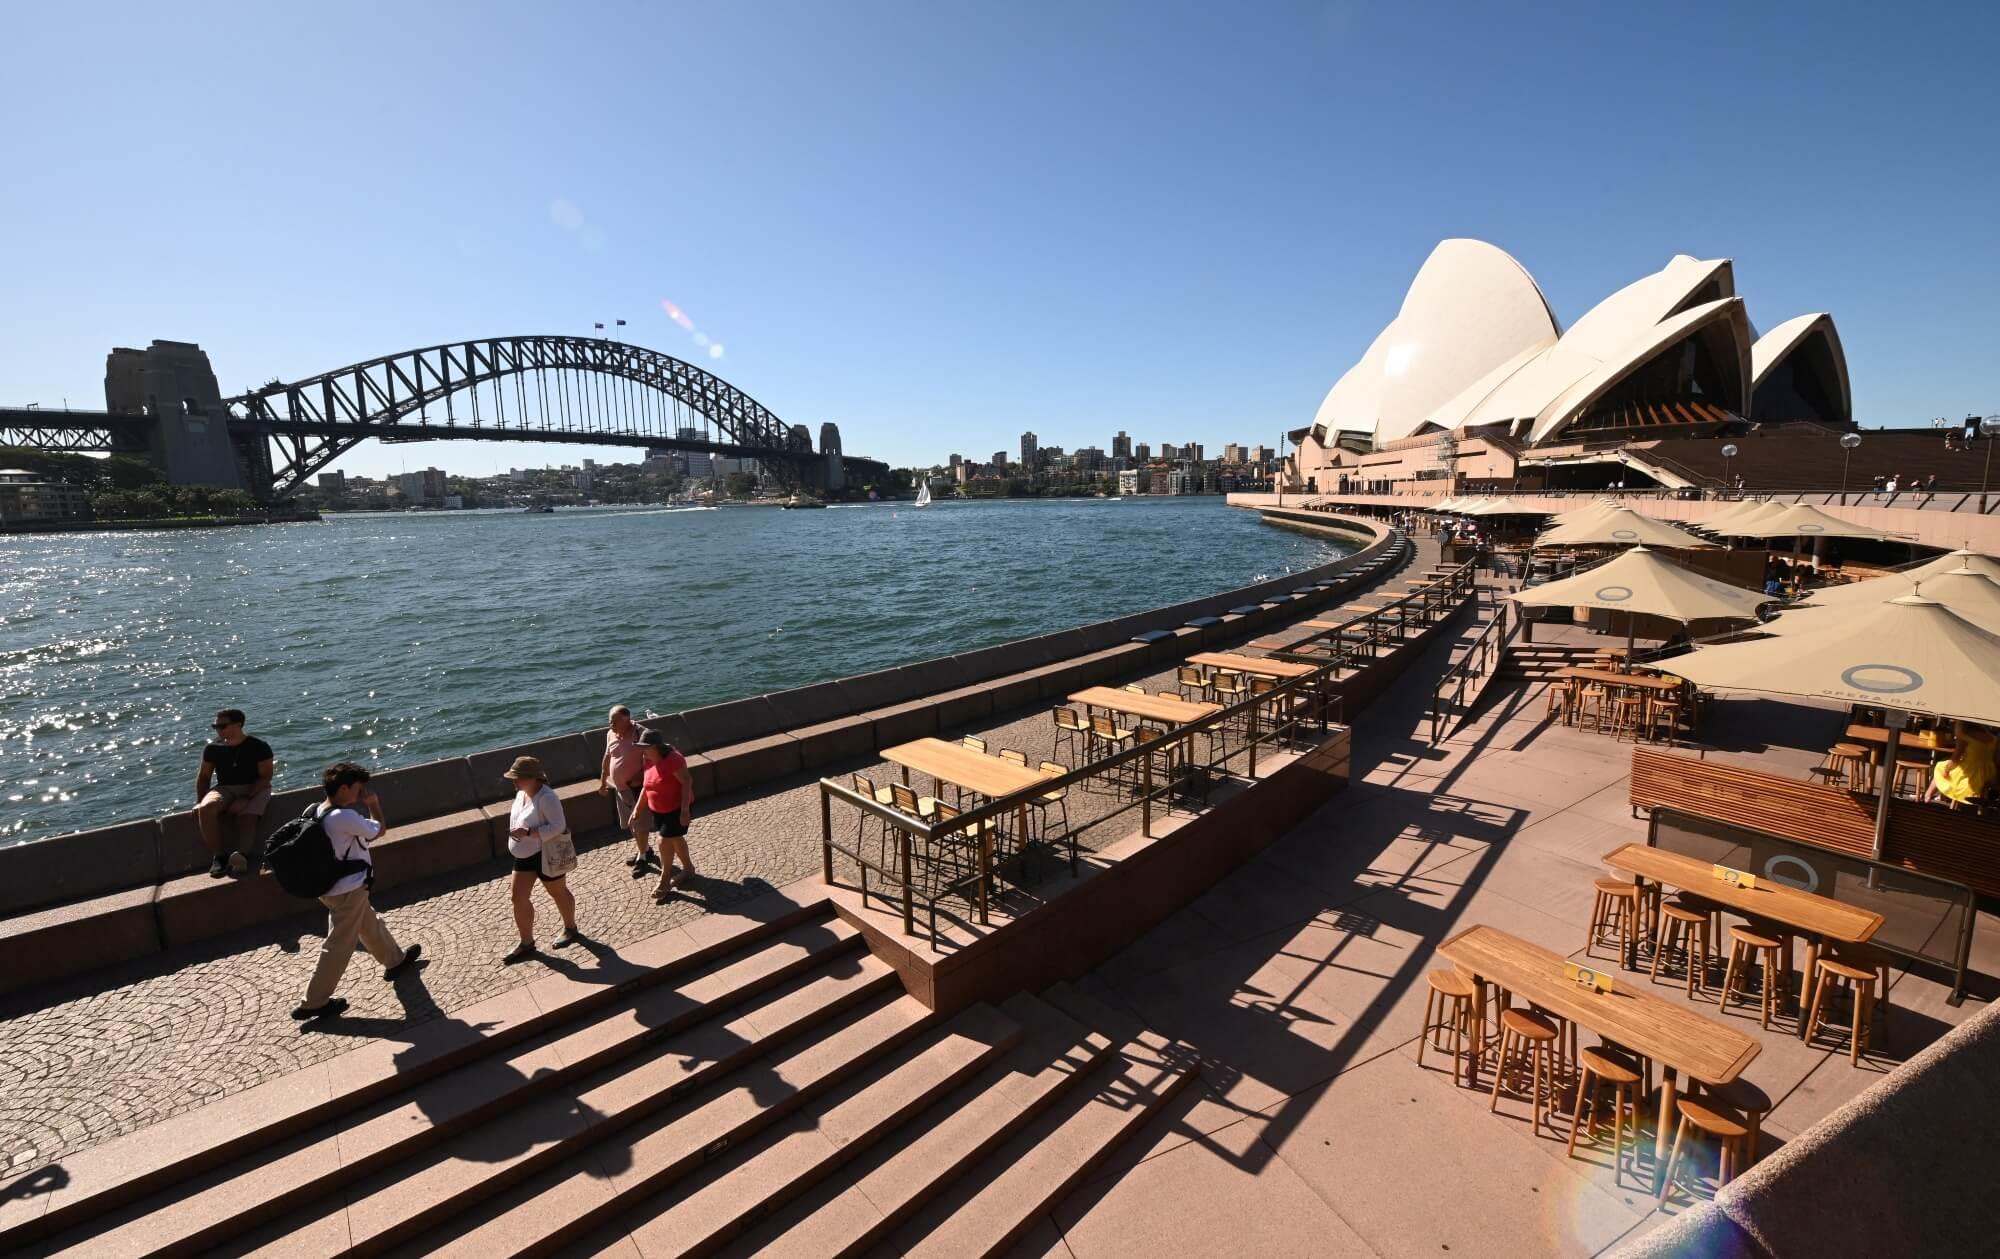 australia's borders reopen